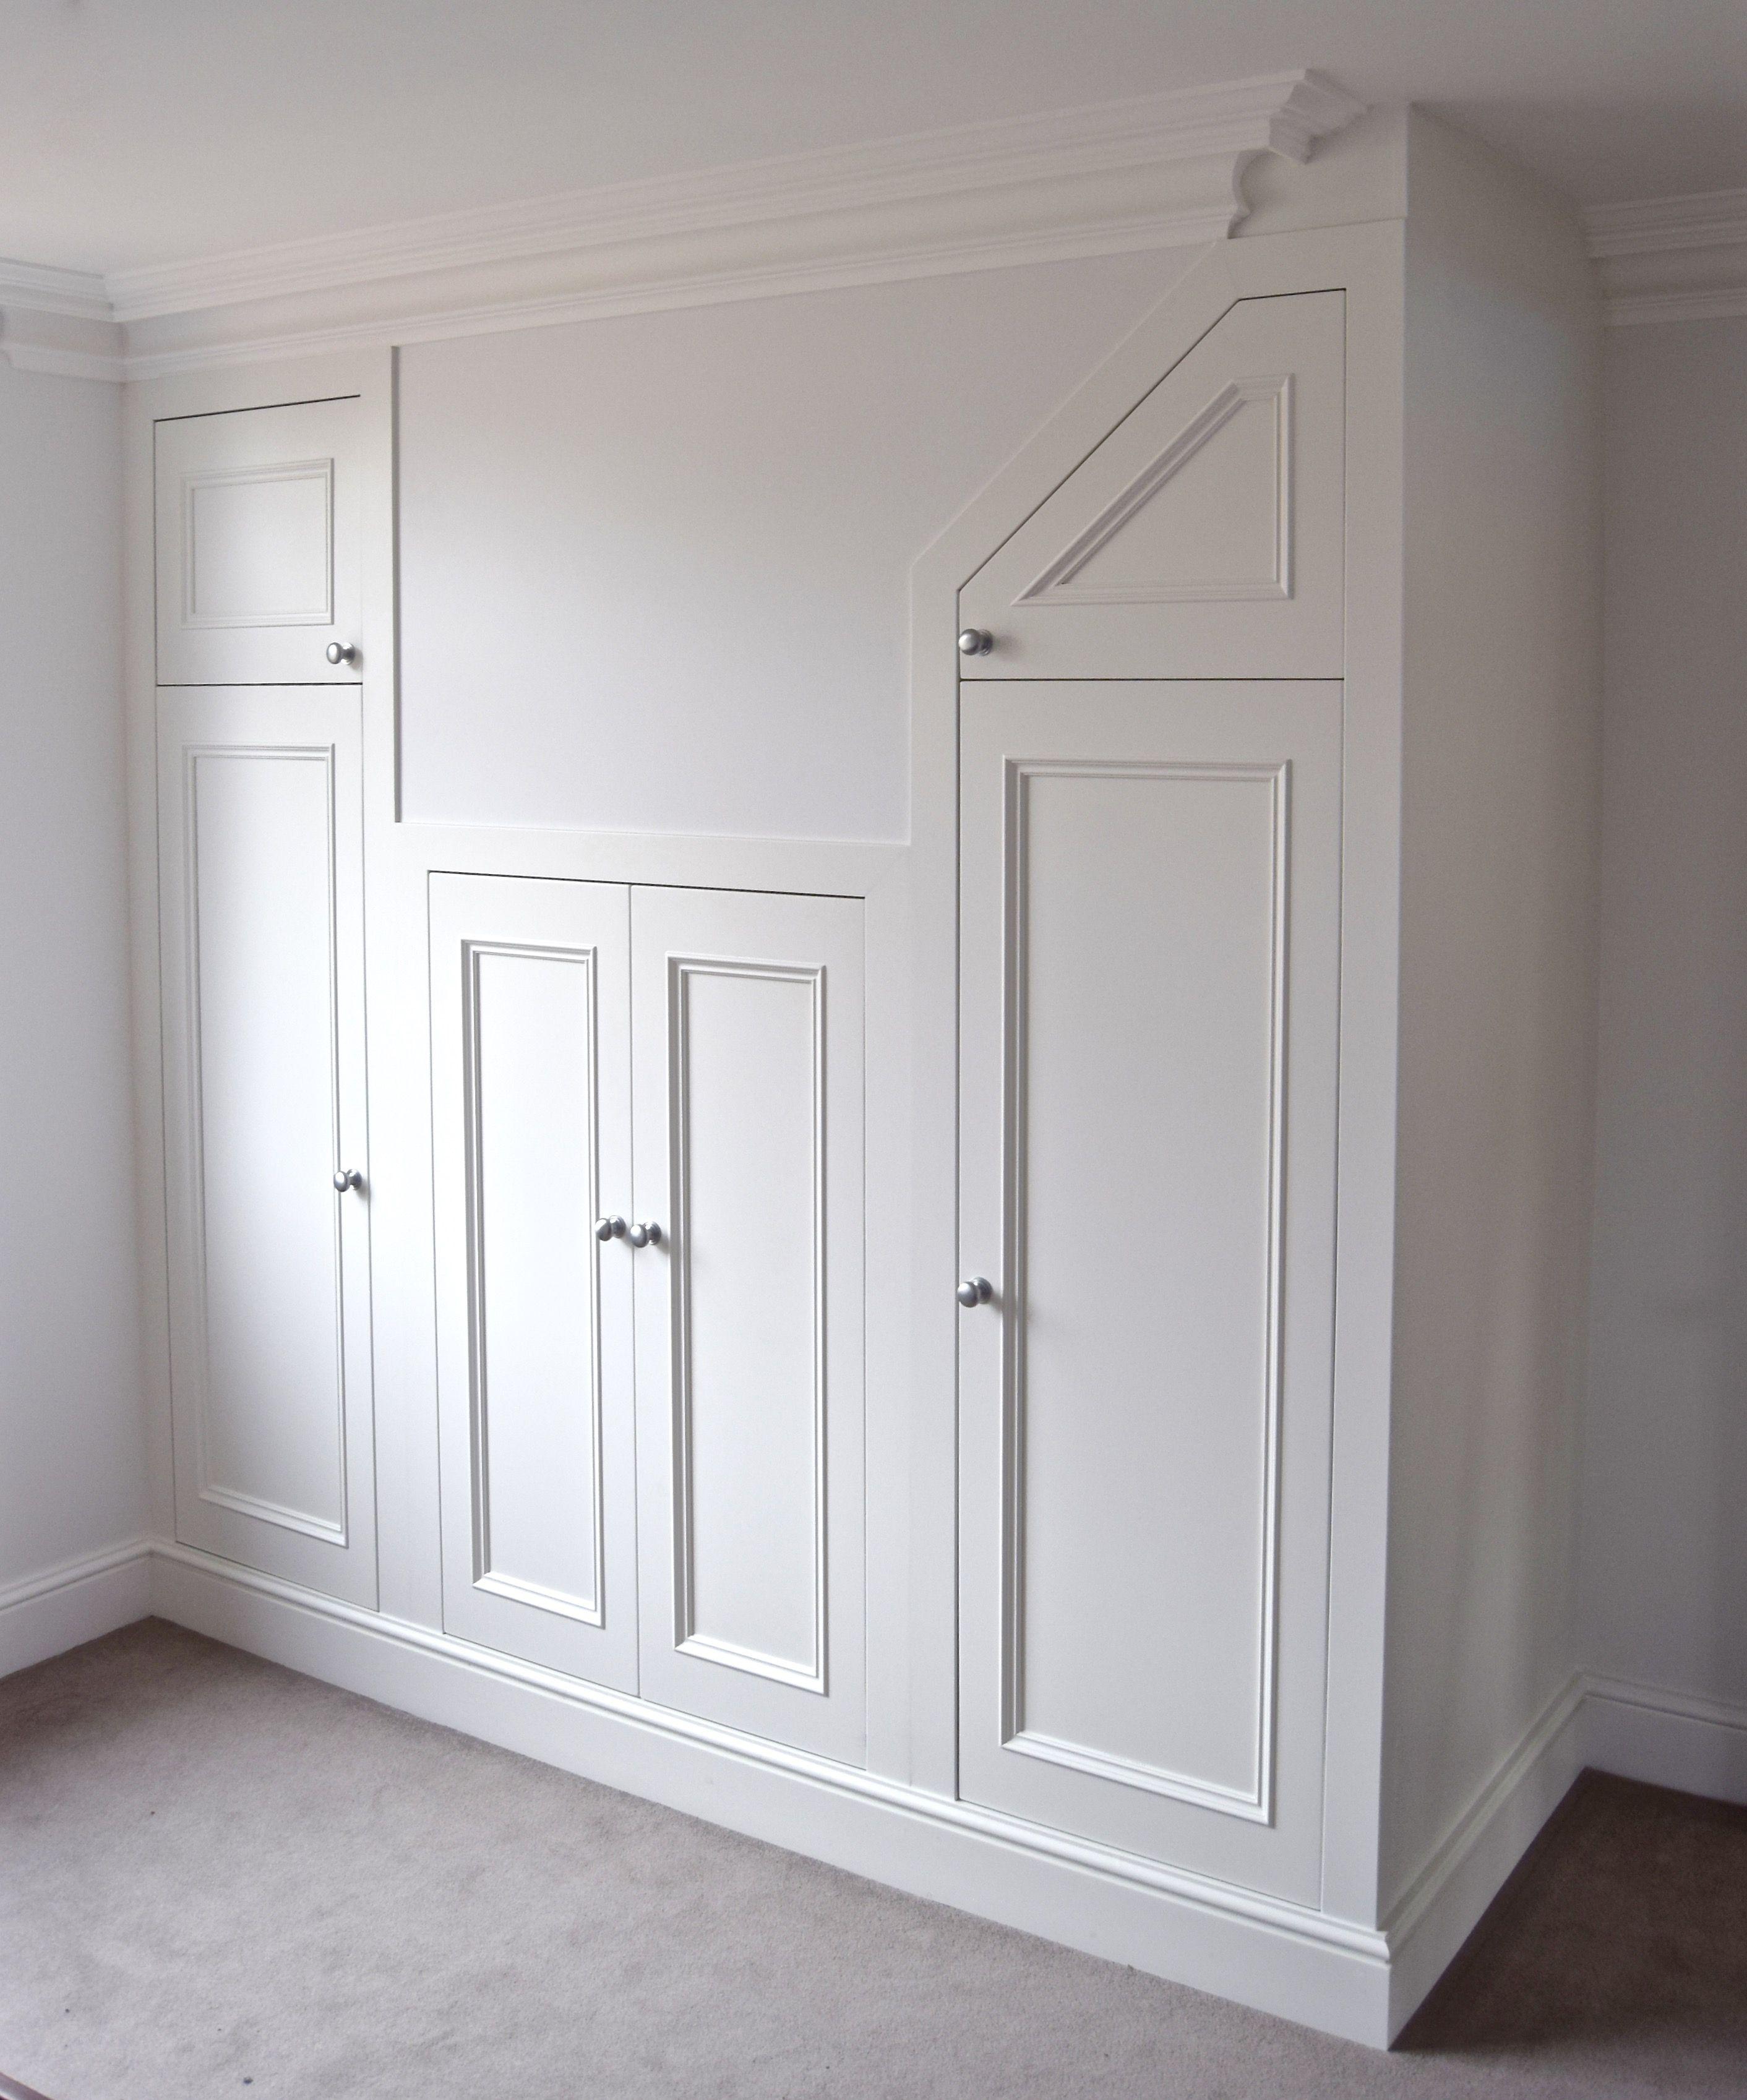 Manchester Bedroom Furniture Fitted Bespoke Bedroom Furniture Wardrobe Bedsidetable